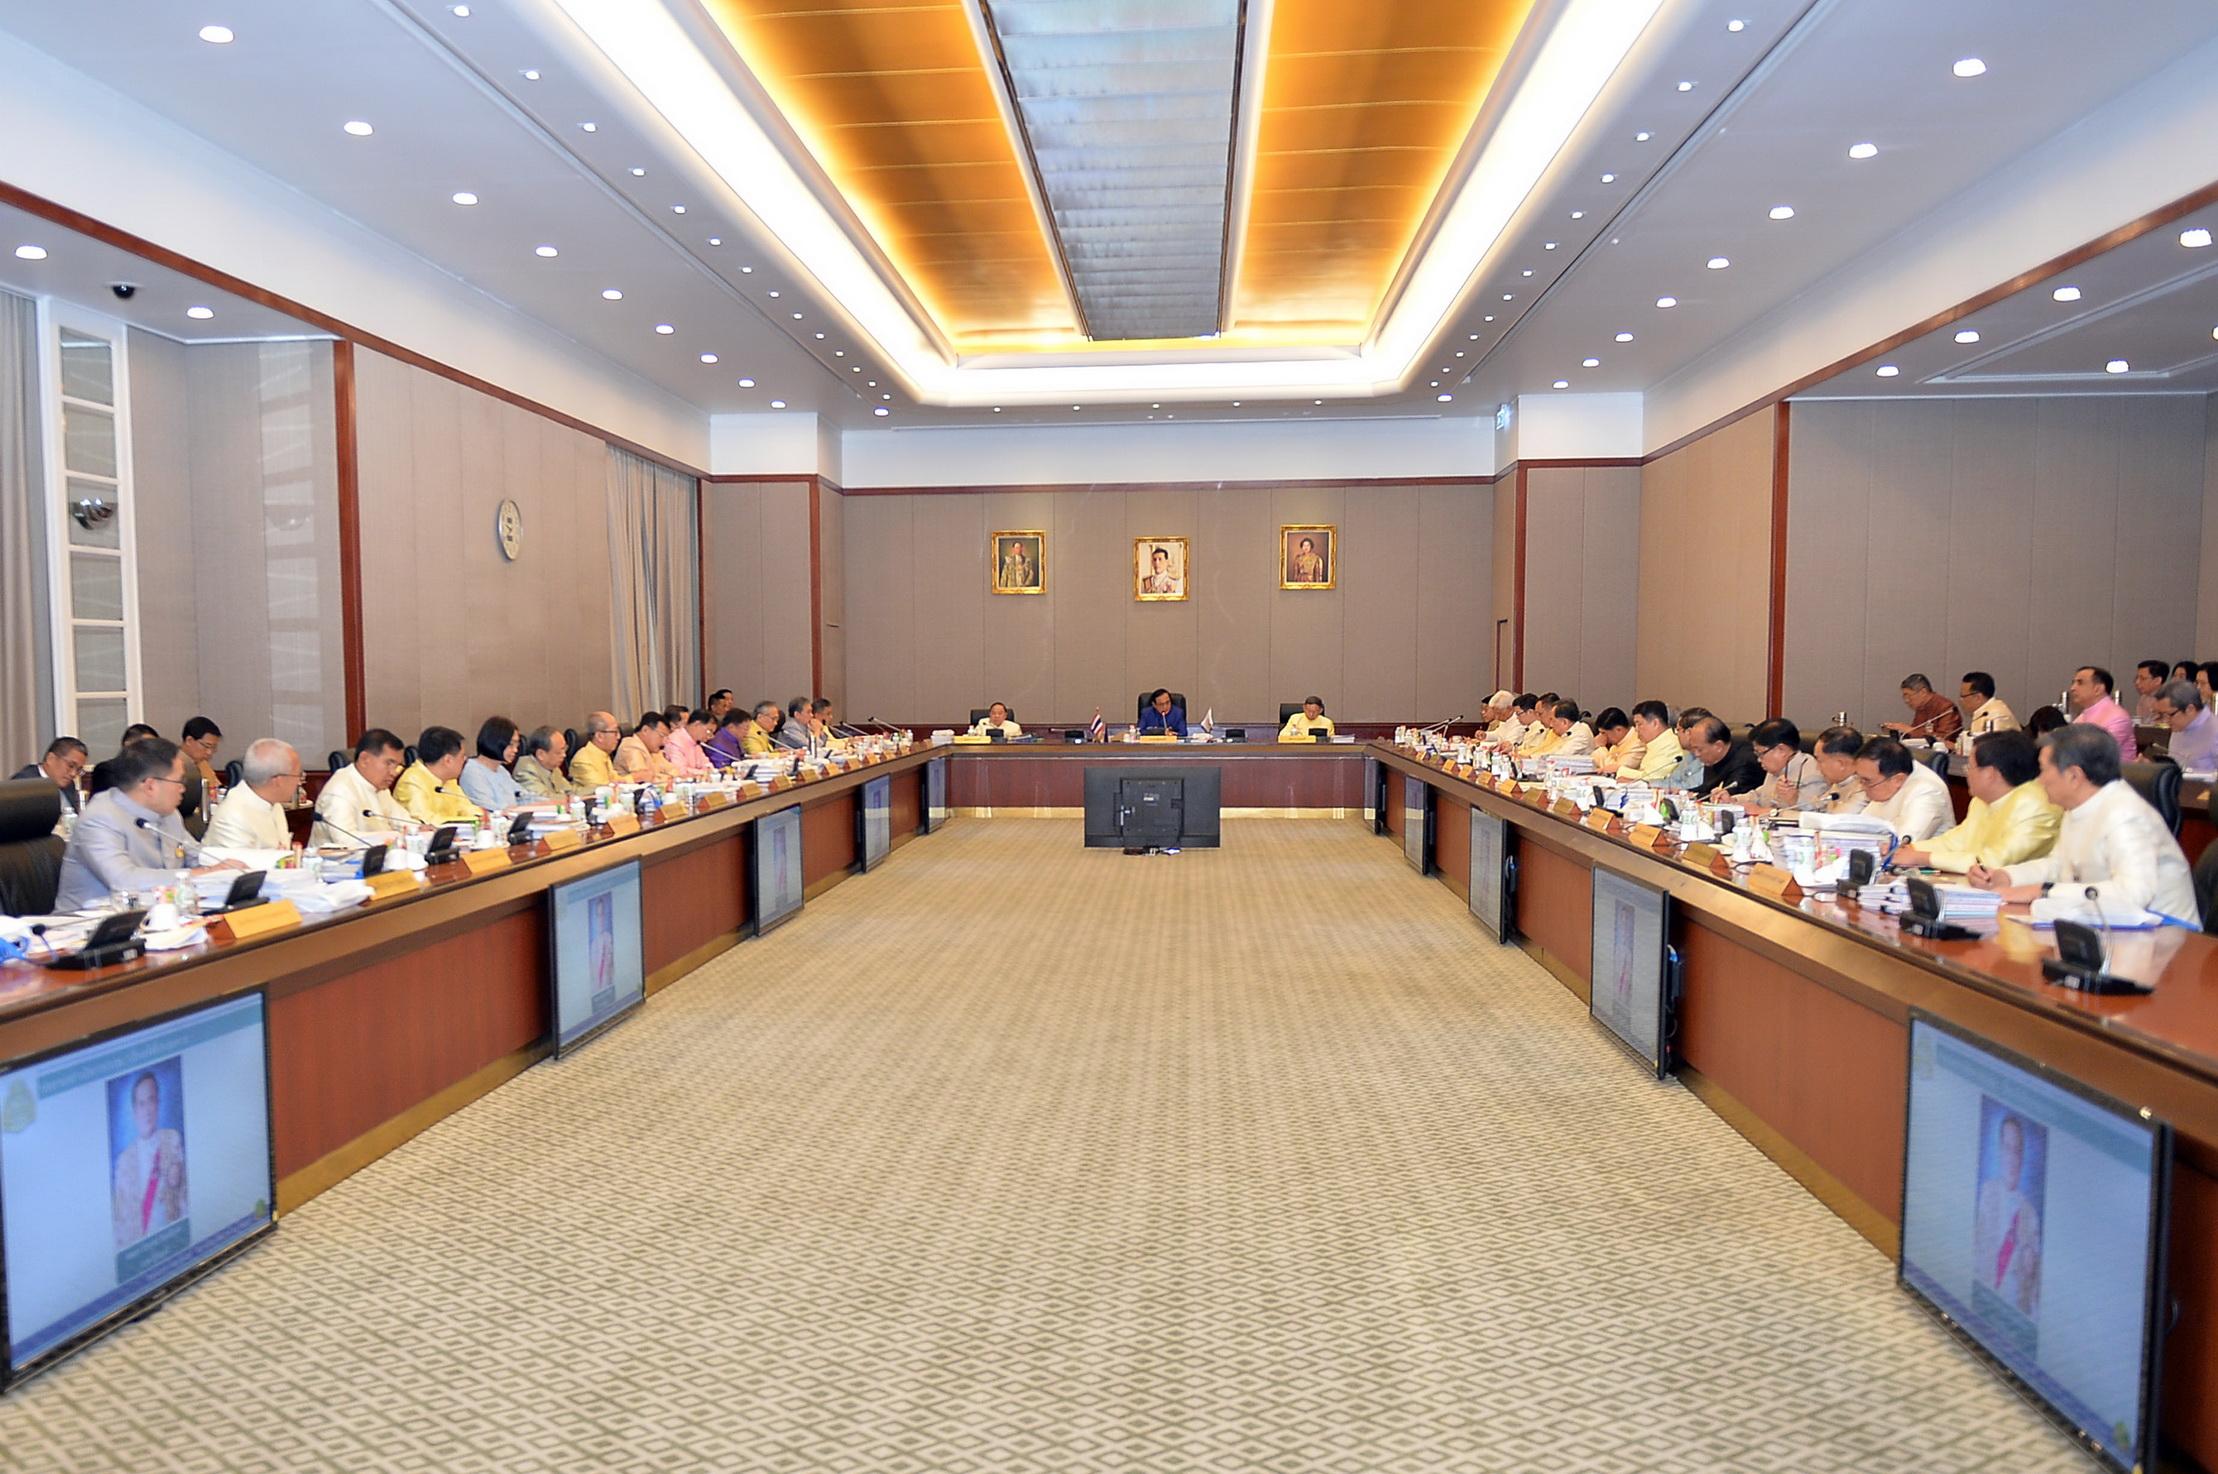 ประชุมสุดยอดอาเซียน วันหยุด วันหยุดกรณีพิเศษ หยุดกรณีพิเศษ